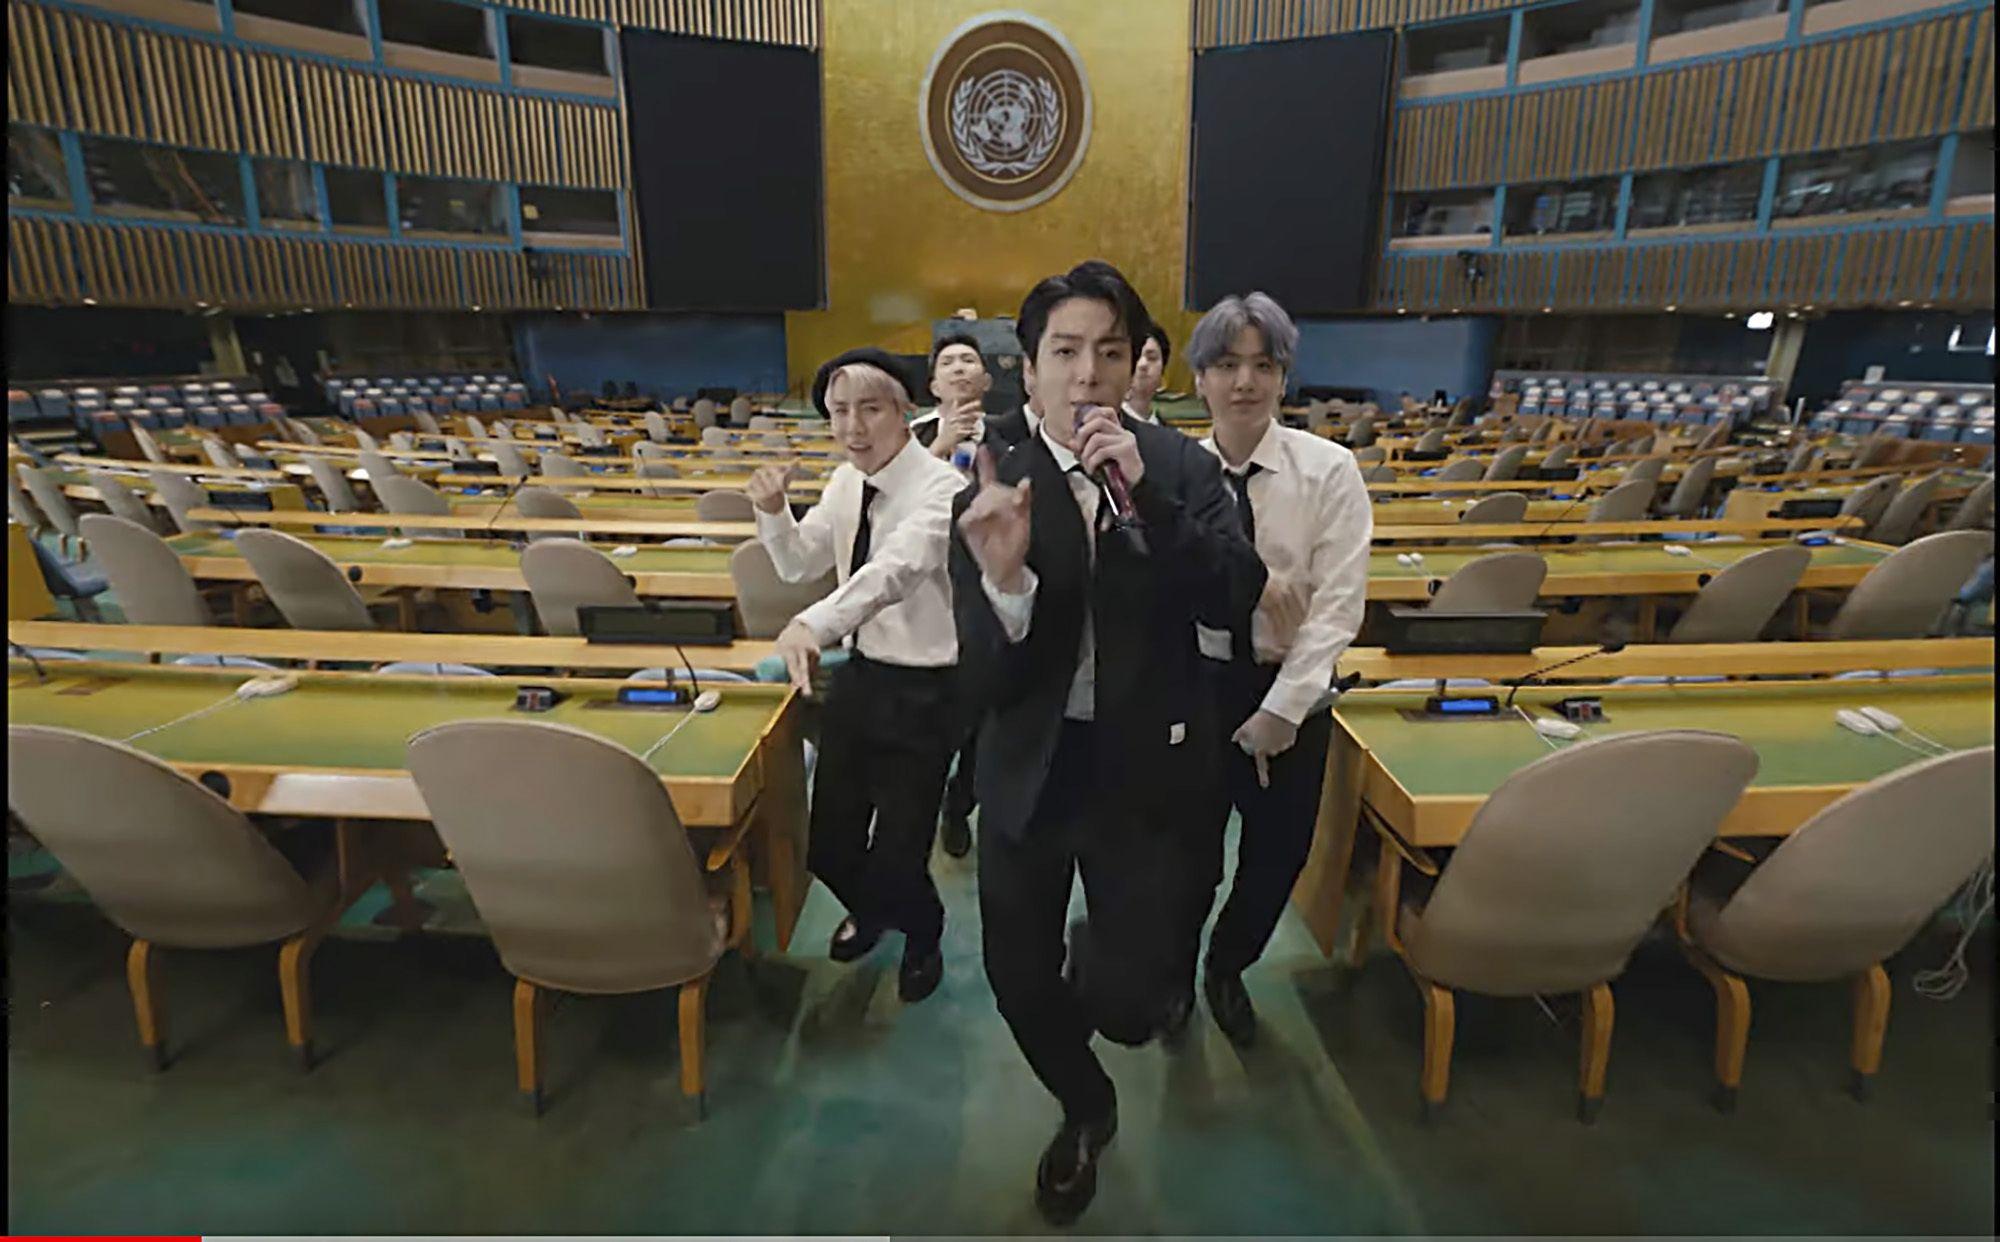 En esta imagen tomada de un video de UNTV, BTS interpreta Permission to Dance en un mensaje pregrabado y presentado durante la Asamblea General de la ONU en la sede de Naciones Unidas el 20 de septiembre de 2021.